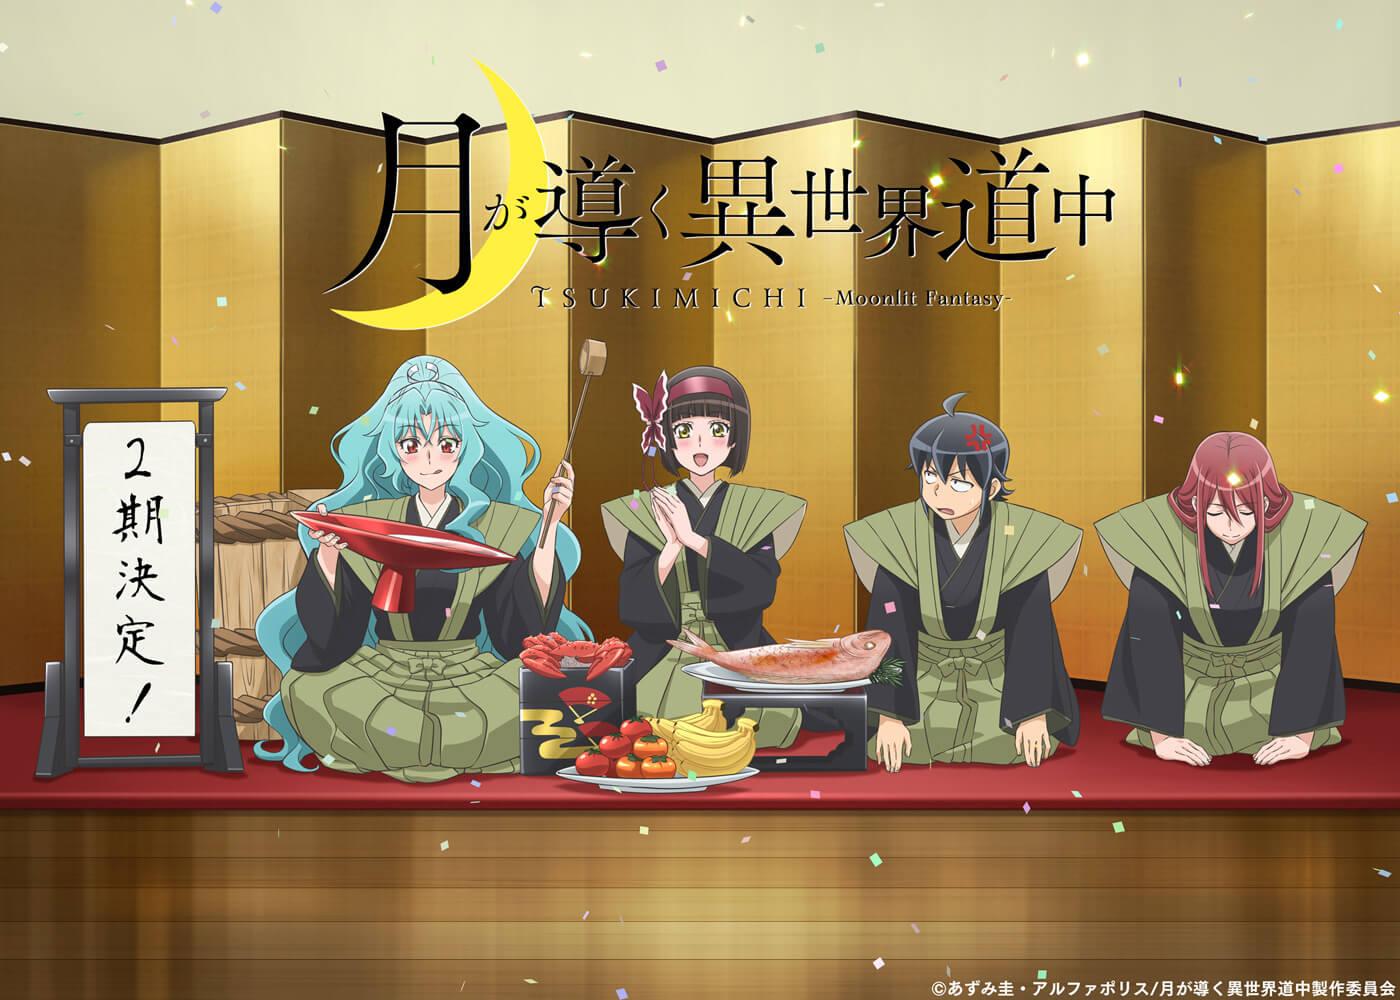 """tsuki-ga-michibiku-isekai-season-2-kv """"Tsukimichi -Moonlit Fantasy-"""" Announces 2nd Season!"""